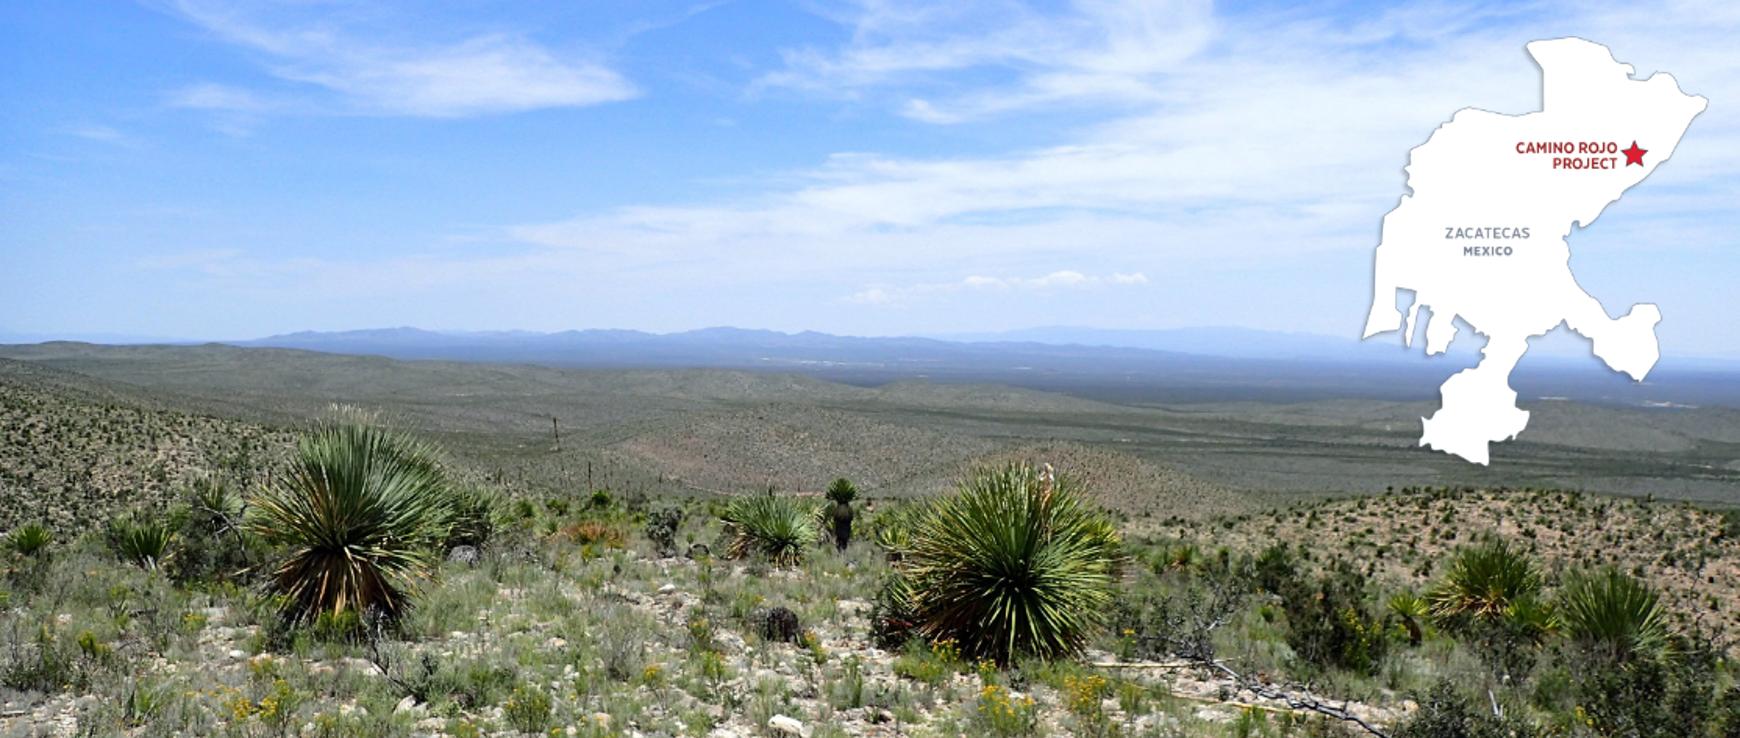 Orla MIning - Camino Rojo panoramic view